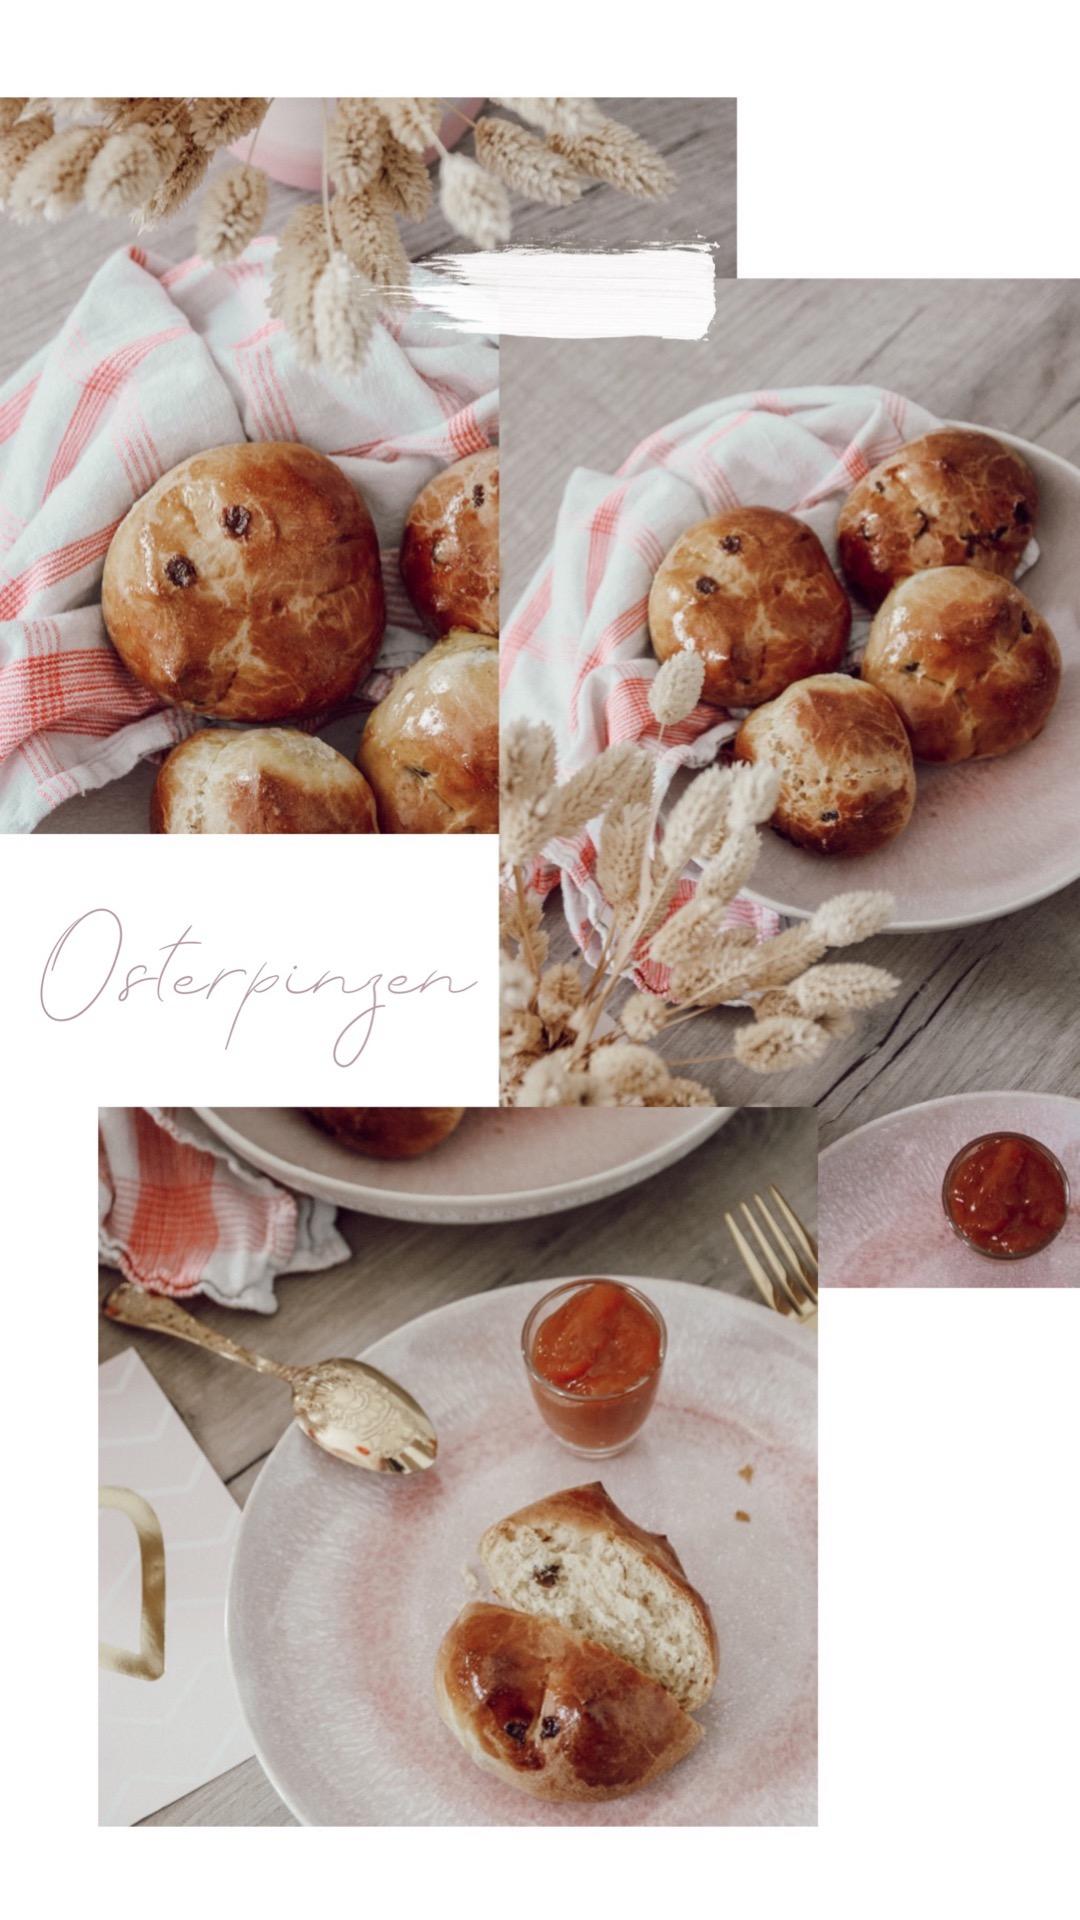 Osterpinzen Rezept